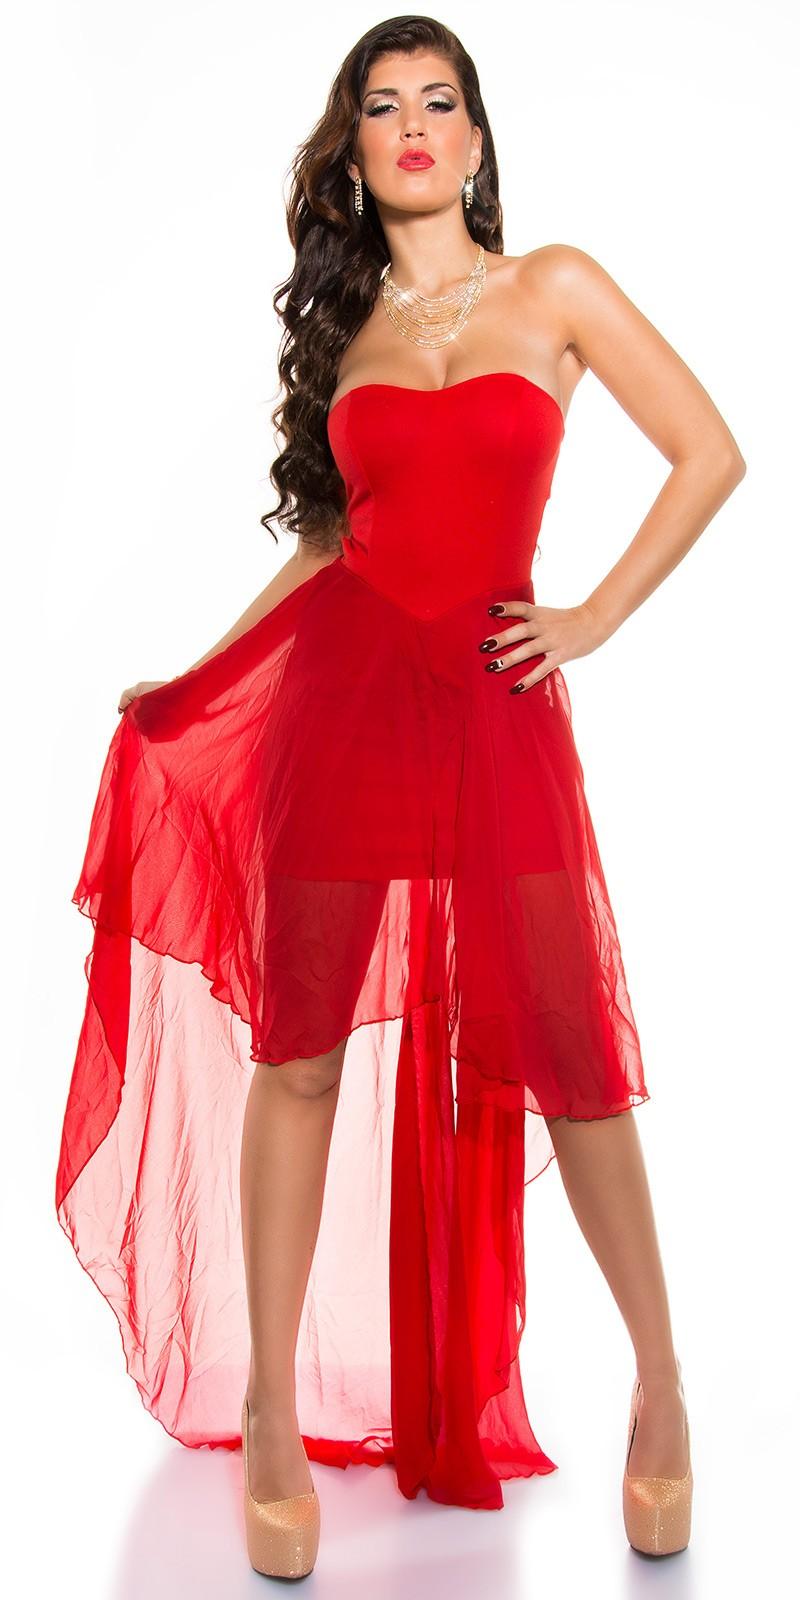 Muszlin szoknyás elöl rövid hátul hosszú női alkalmi ruha - piros (S M 47d36d7f1c